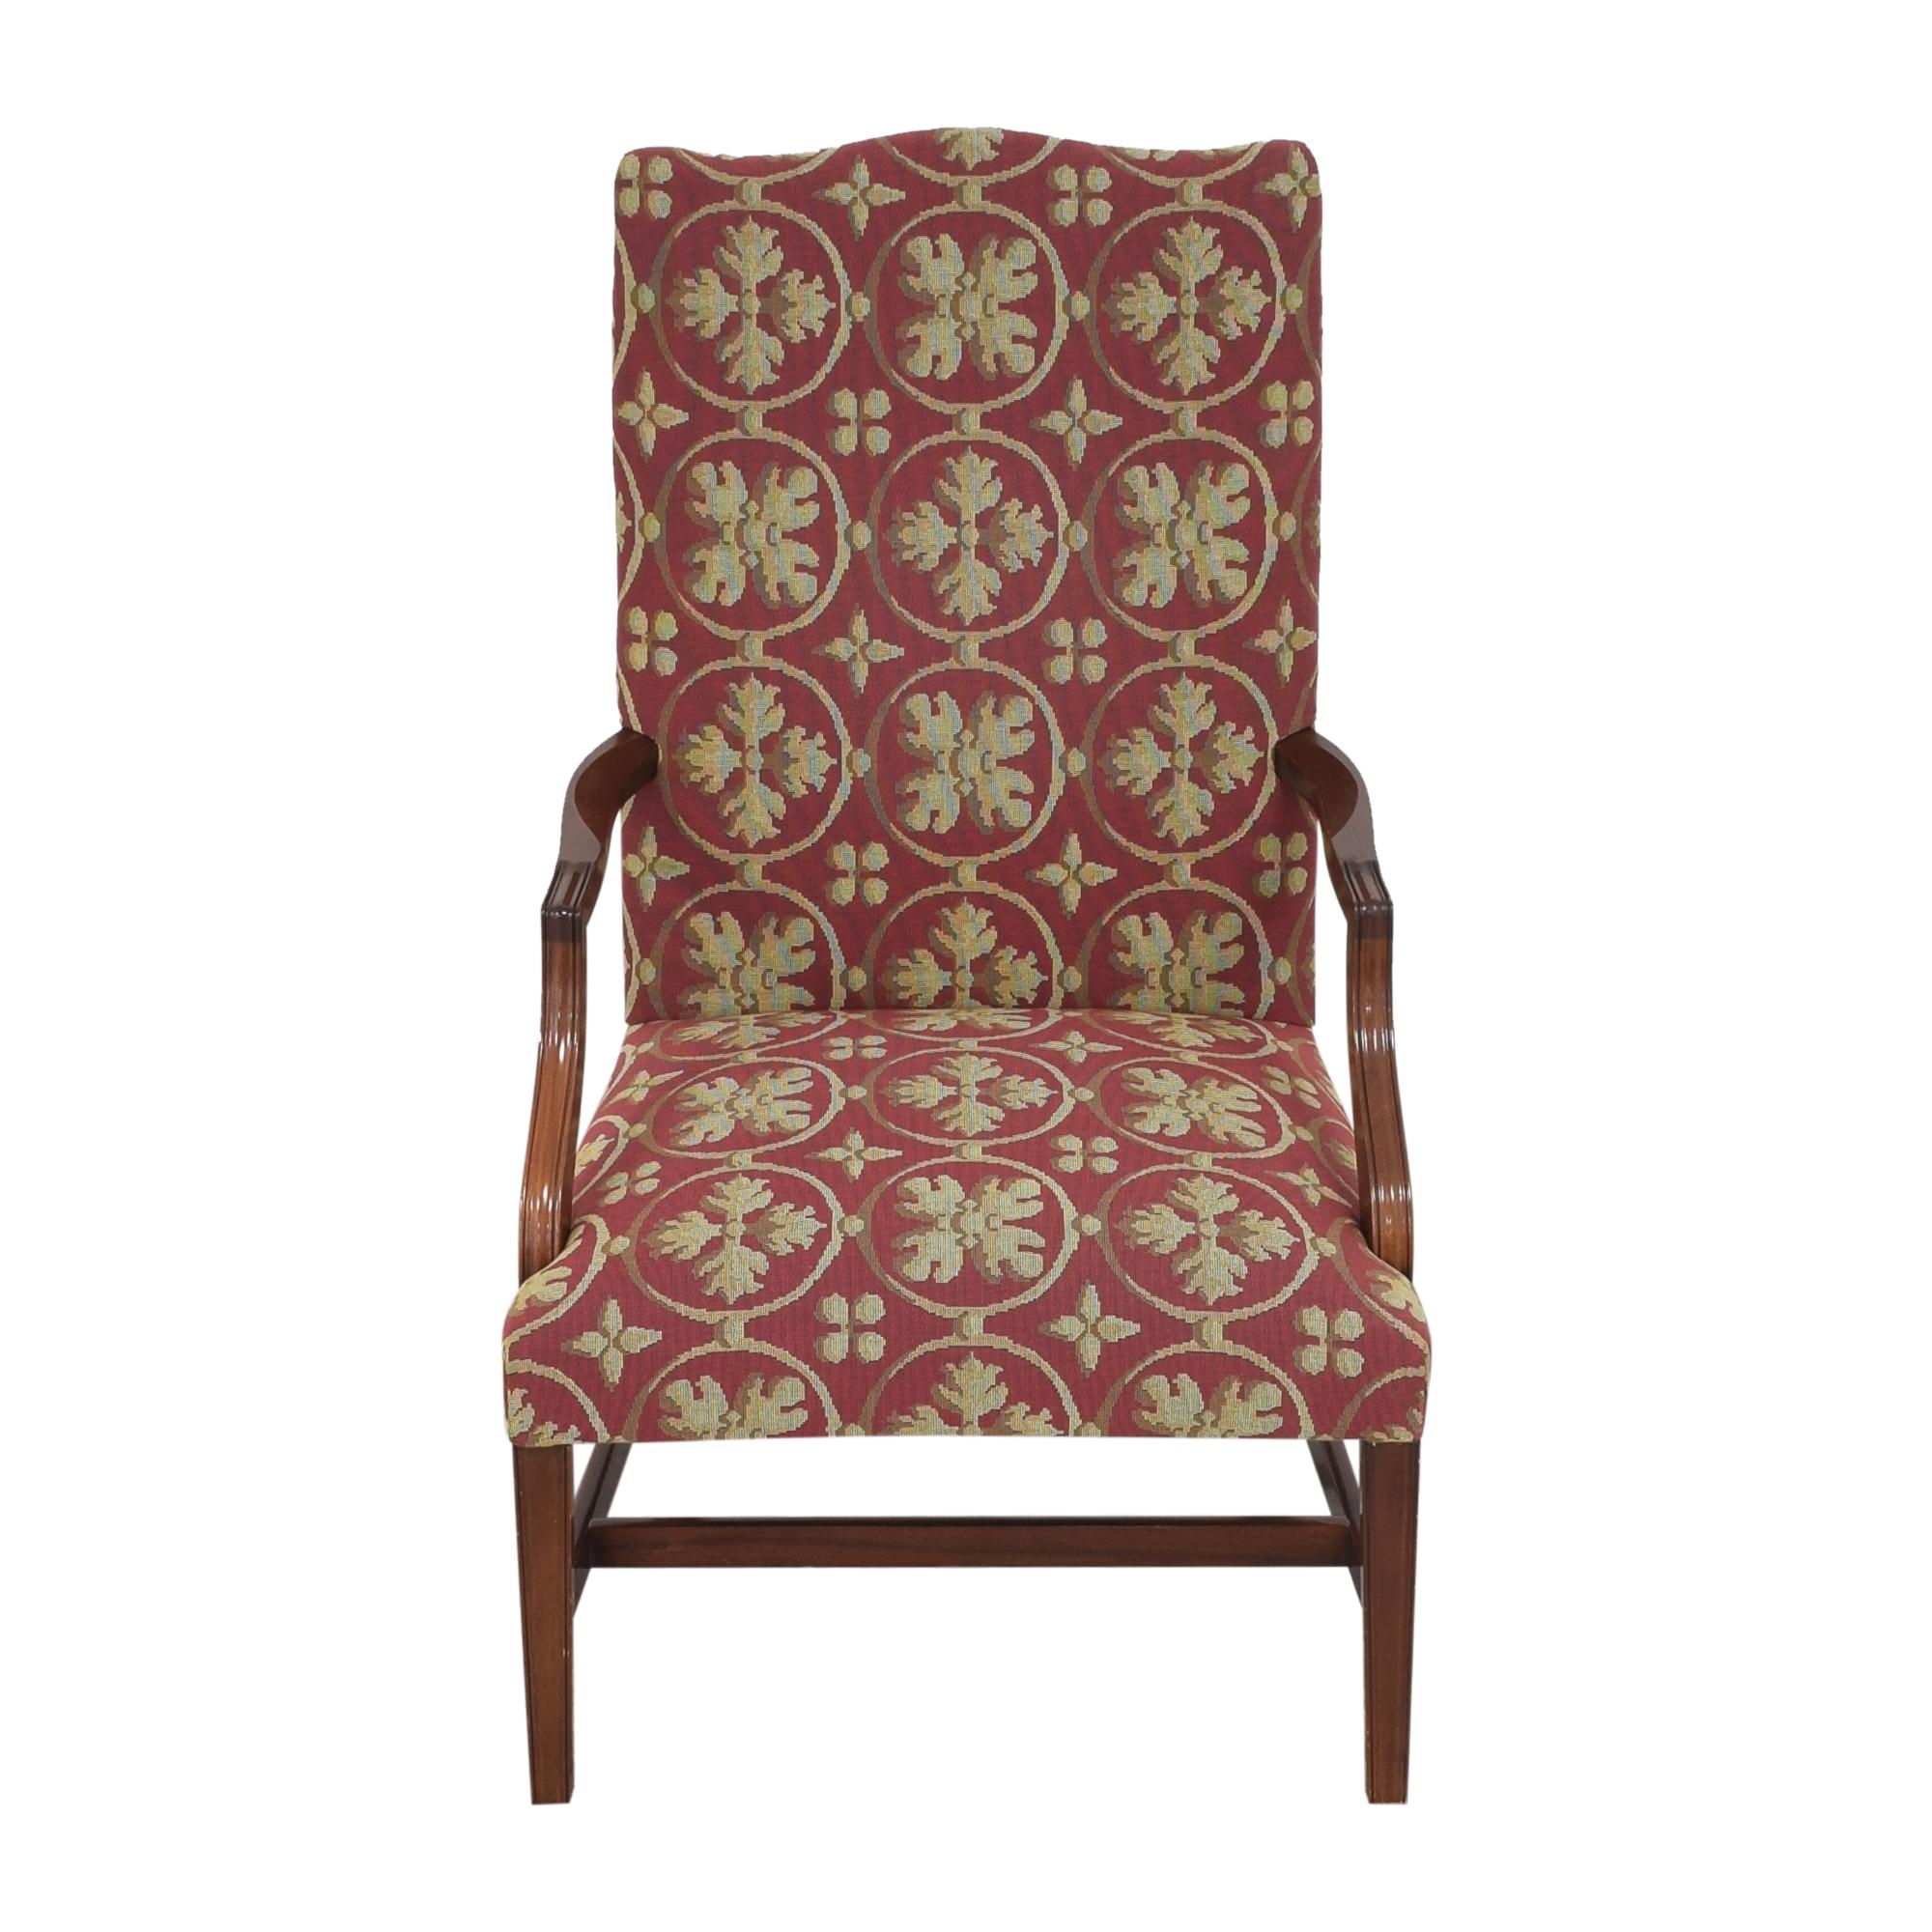 Custom Camelback Armchair for sale